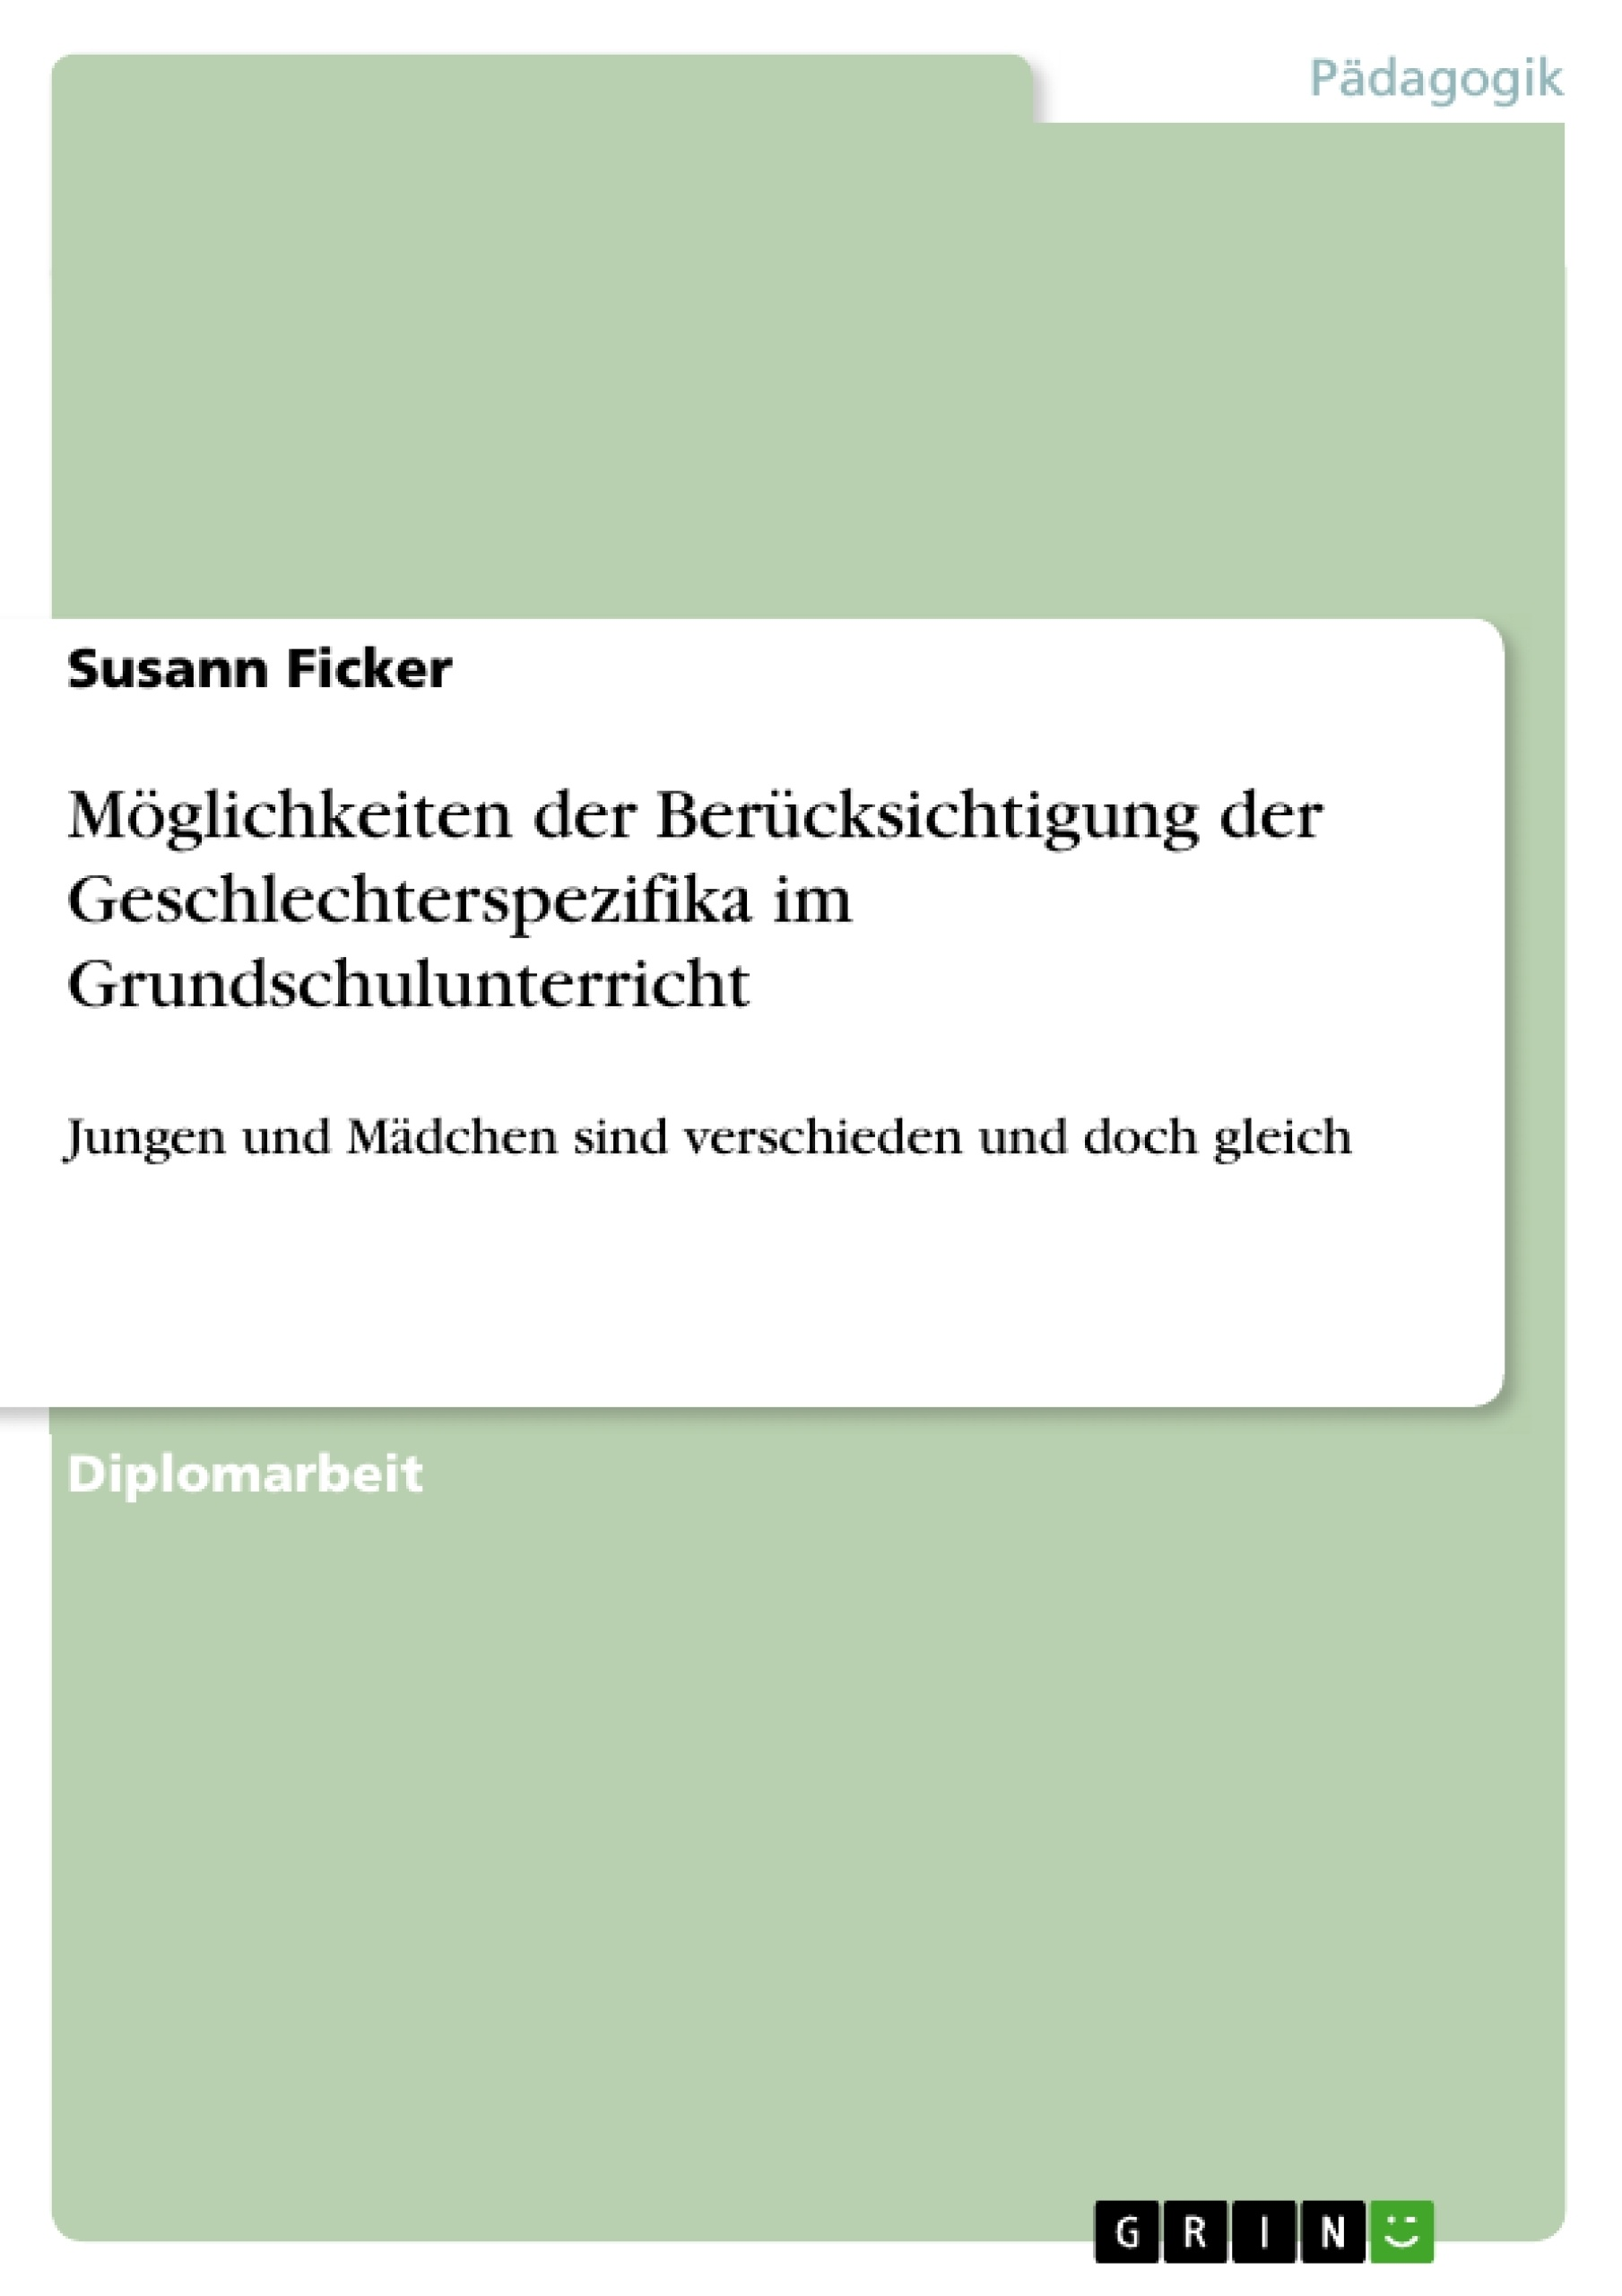 Titel: Möglichkeiten der Berücksichtigung der Geschlechterspezifika im Grundschulunterricht